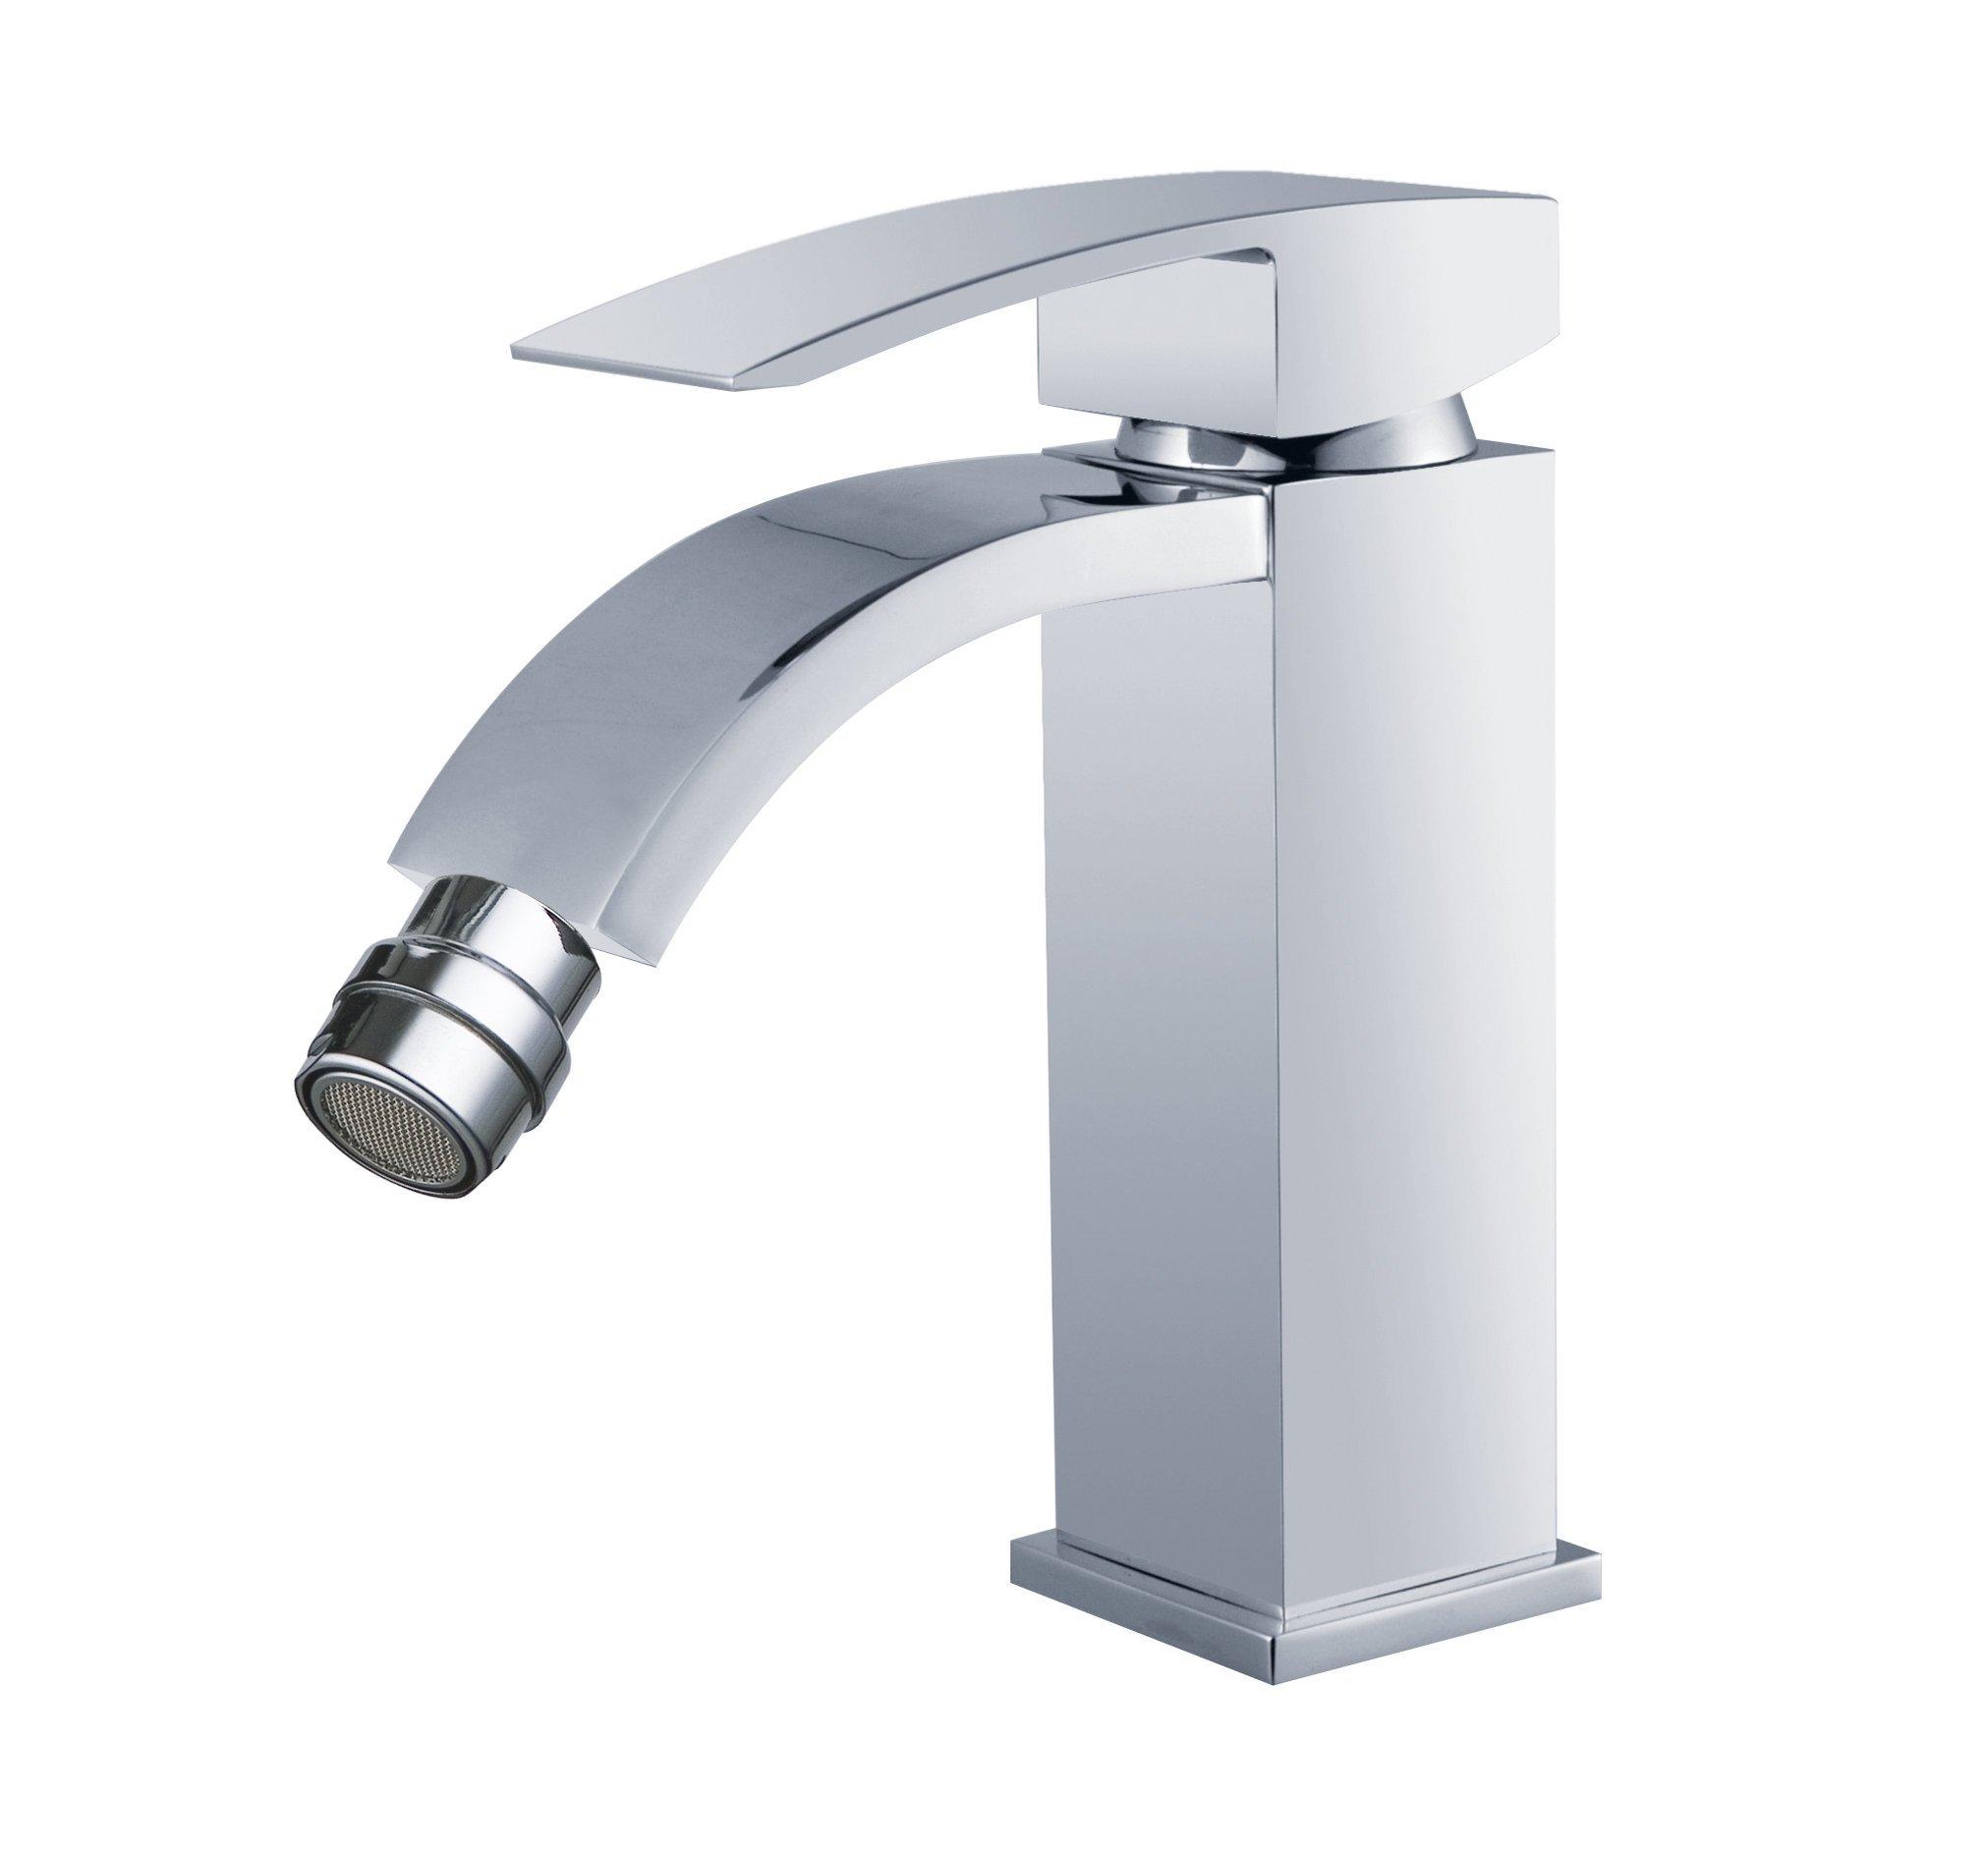 DP Bath SAC-0003''Grifería Acacia'' Bidet Tap - Chrome by DP Bath